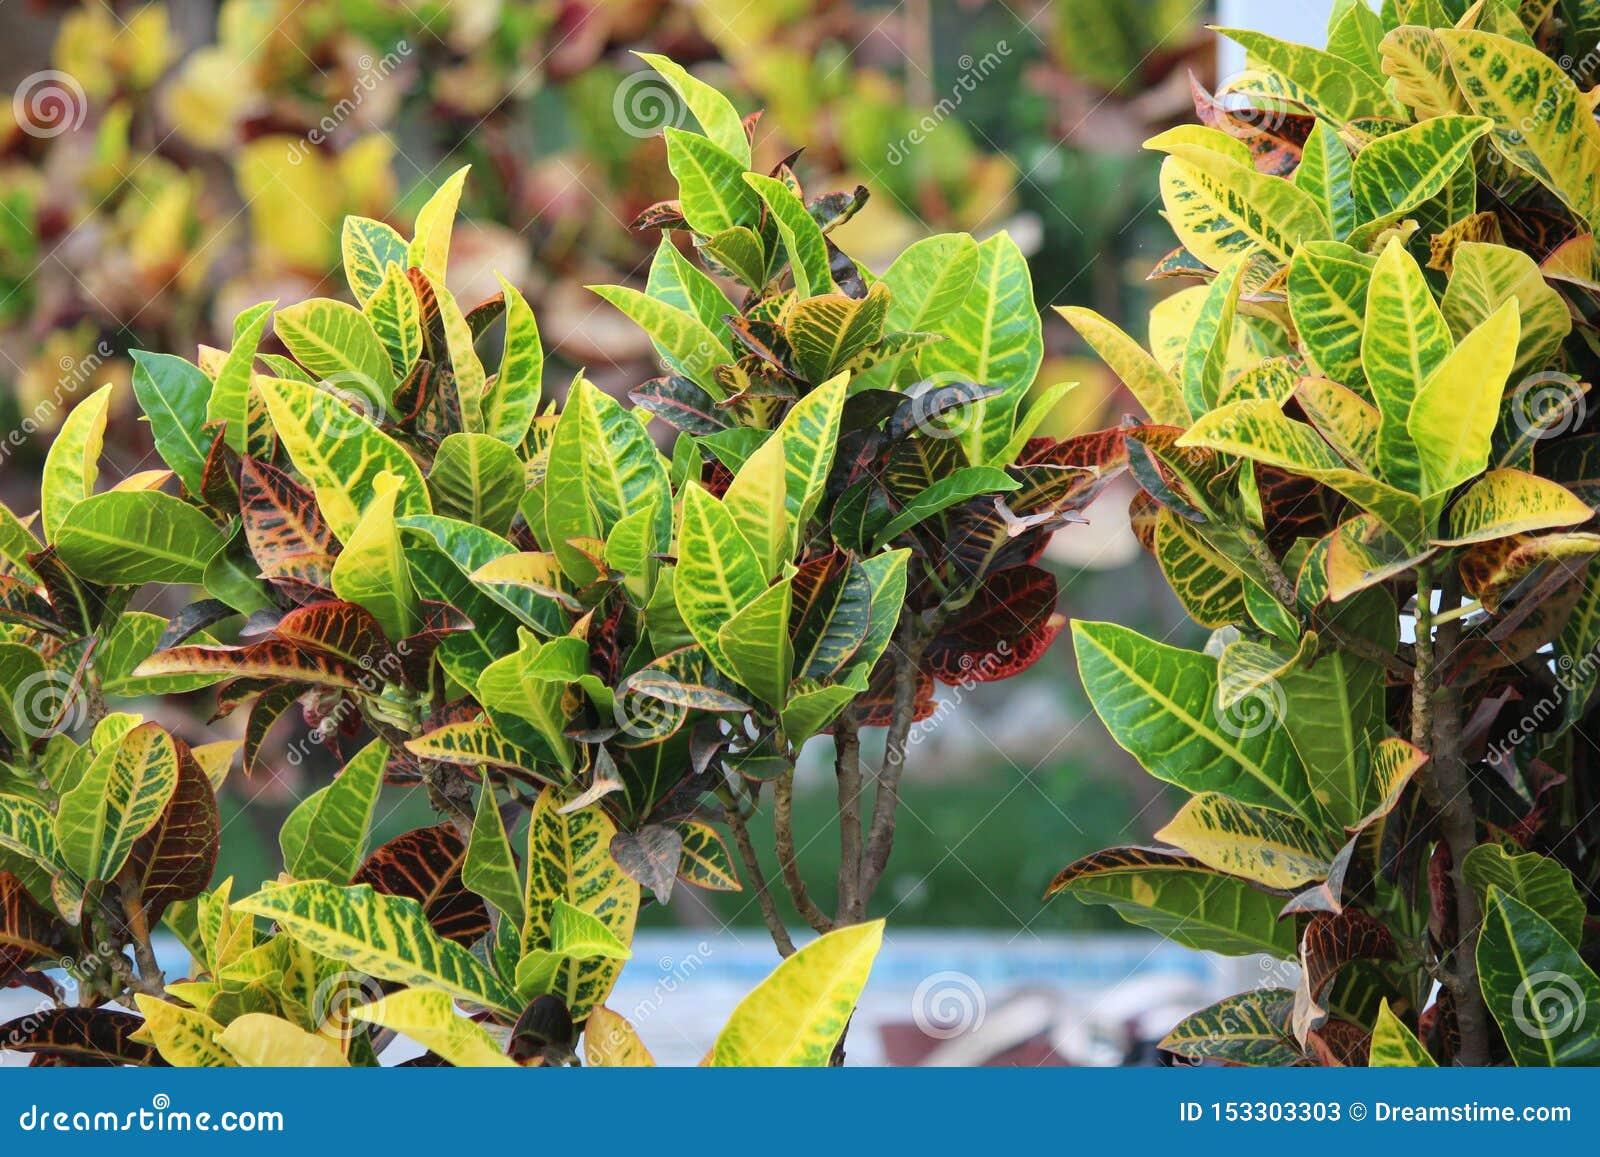 Usines de floraison avec des feuilles